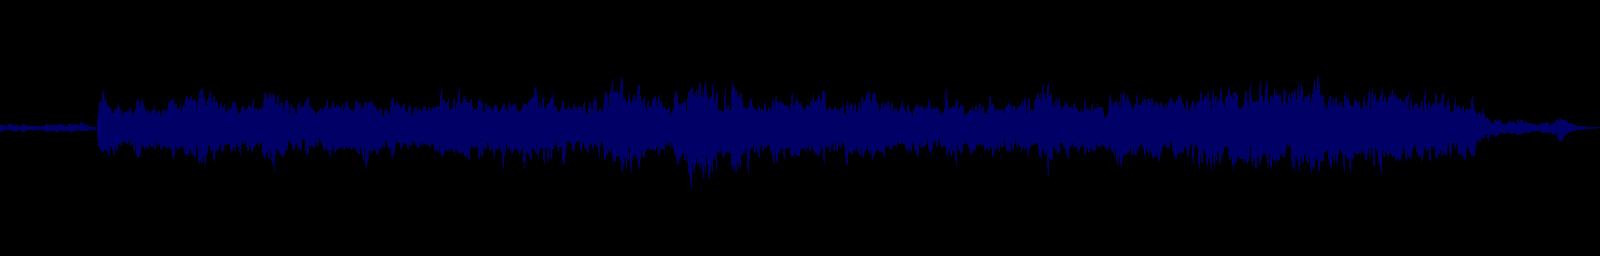 waveform of track #137005